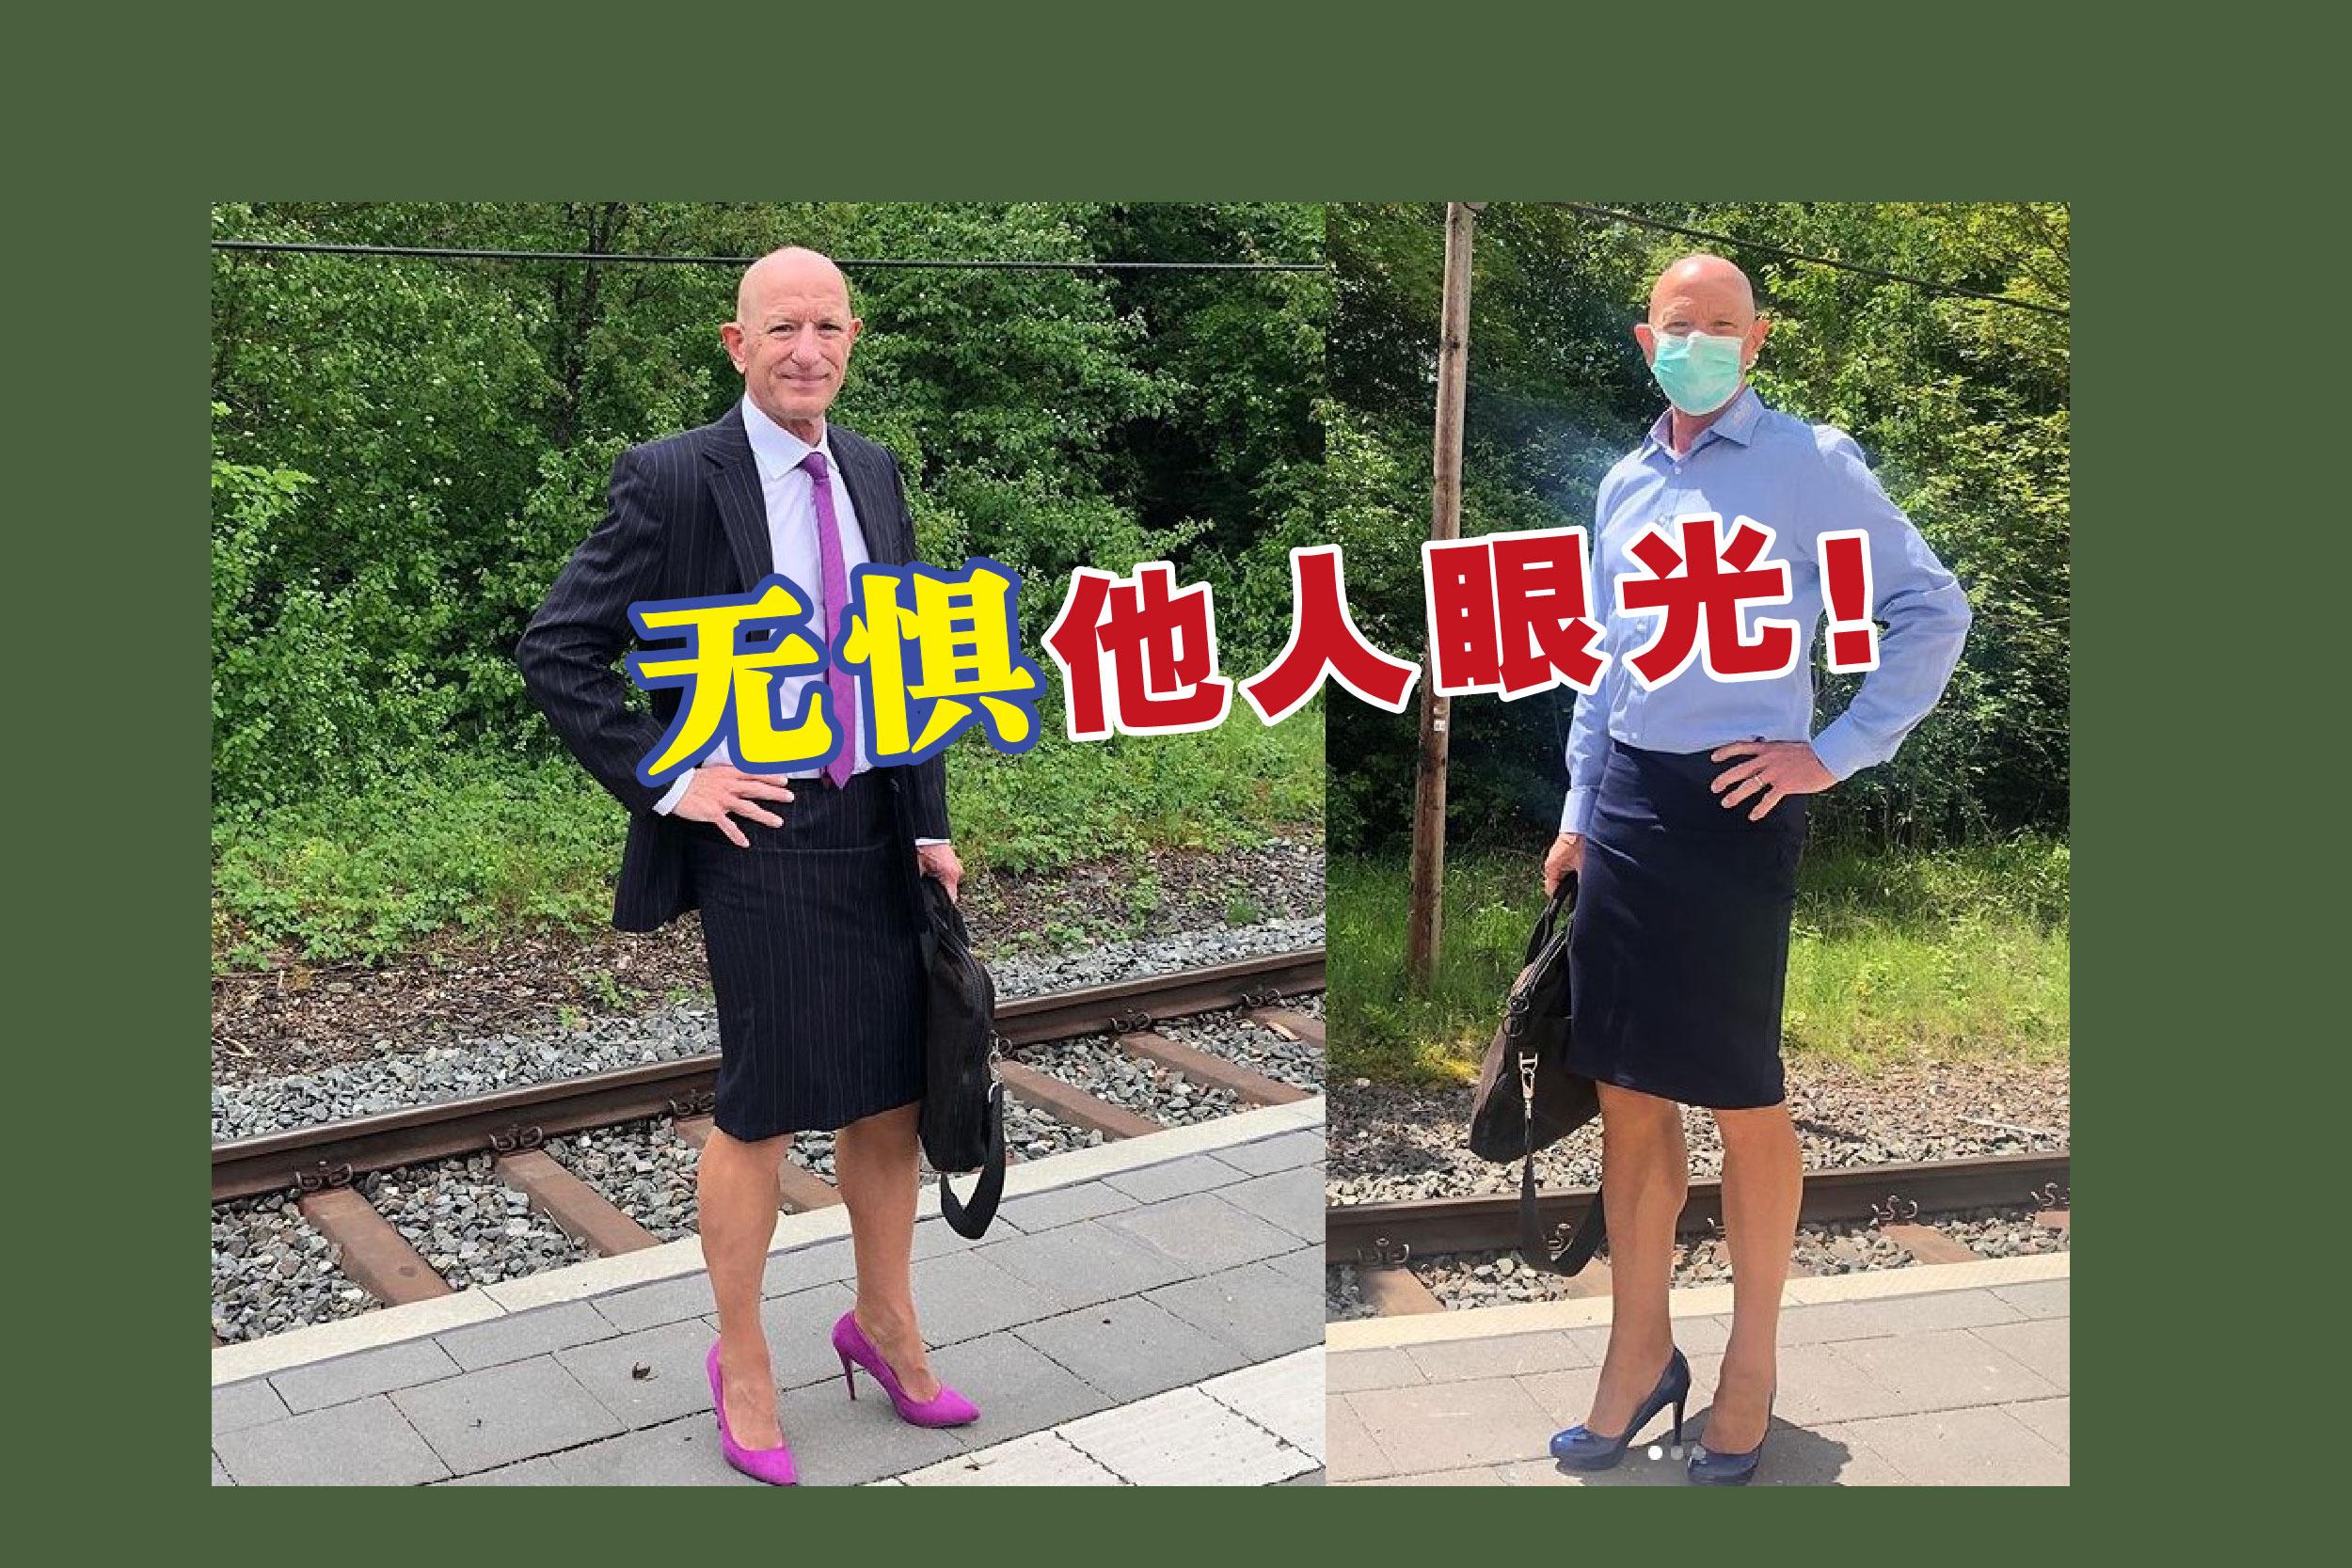 无论是上班、出城,甚至在家,布莱恩都会穿上短裙高跟鞋。-图取自 @markbryan911 Instagram,精彩大马制图-